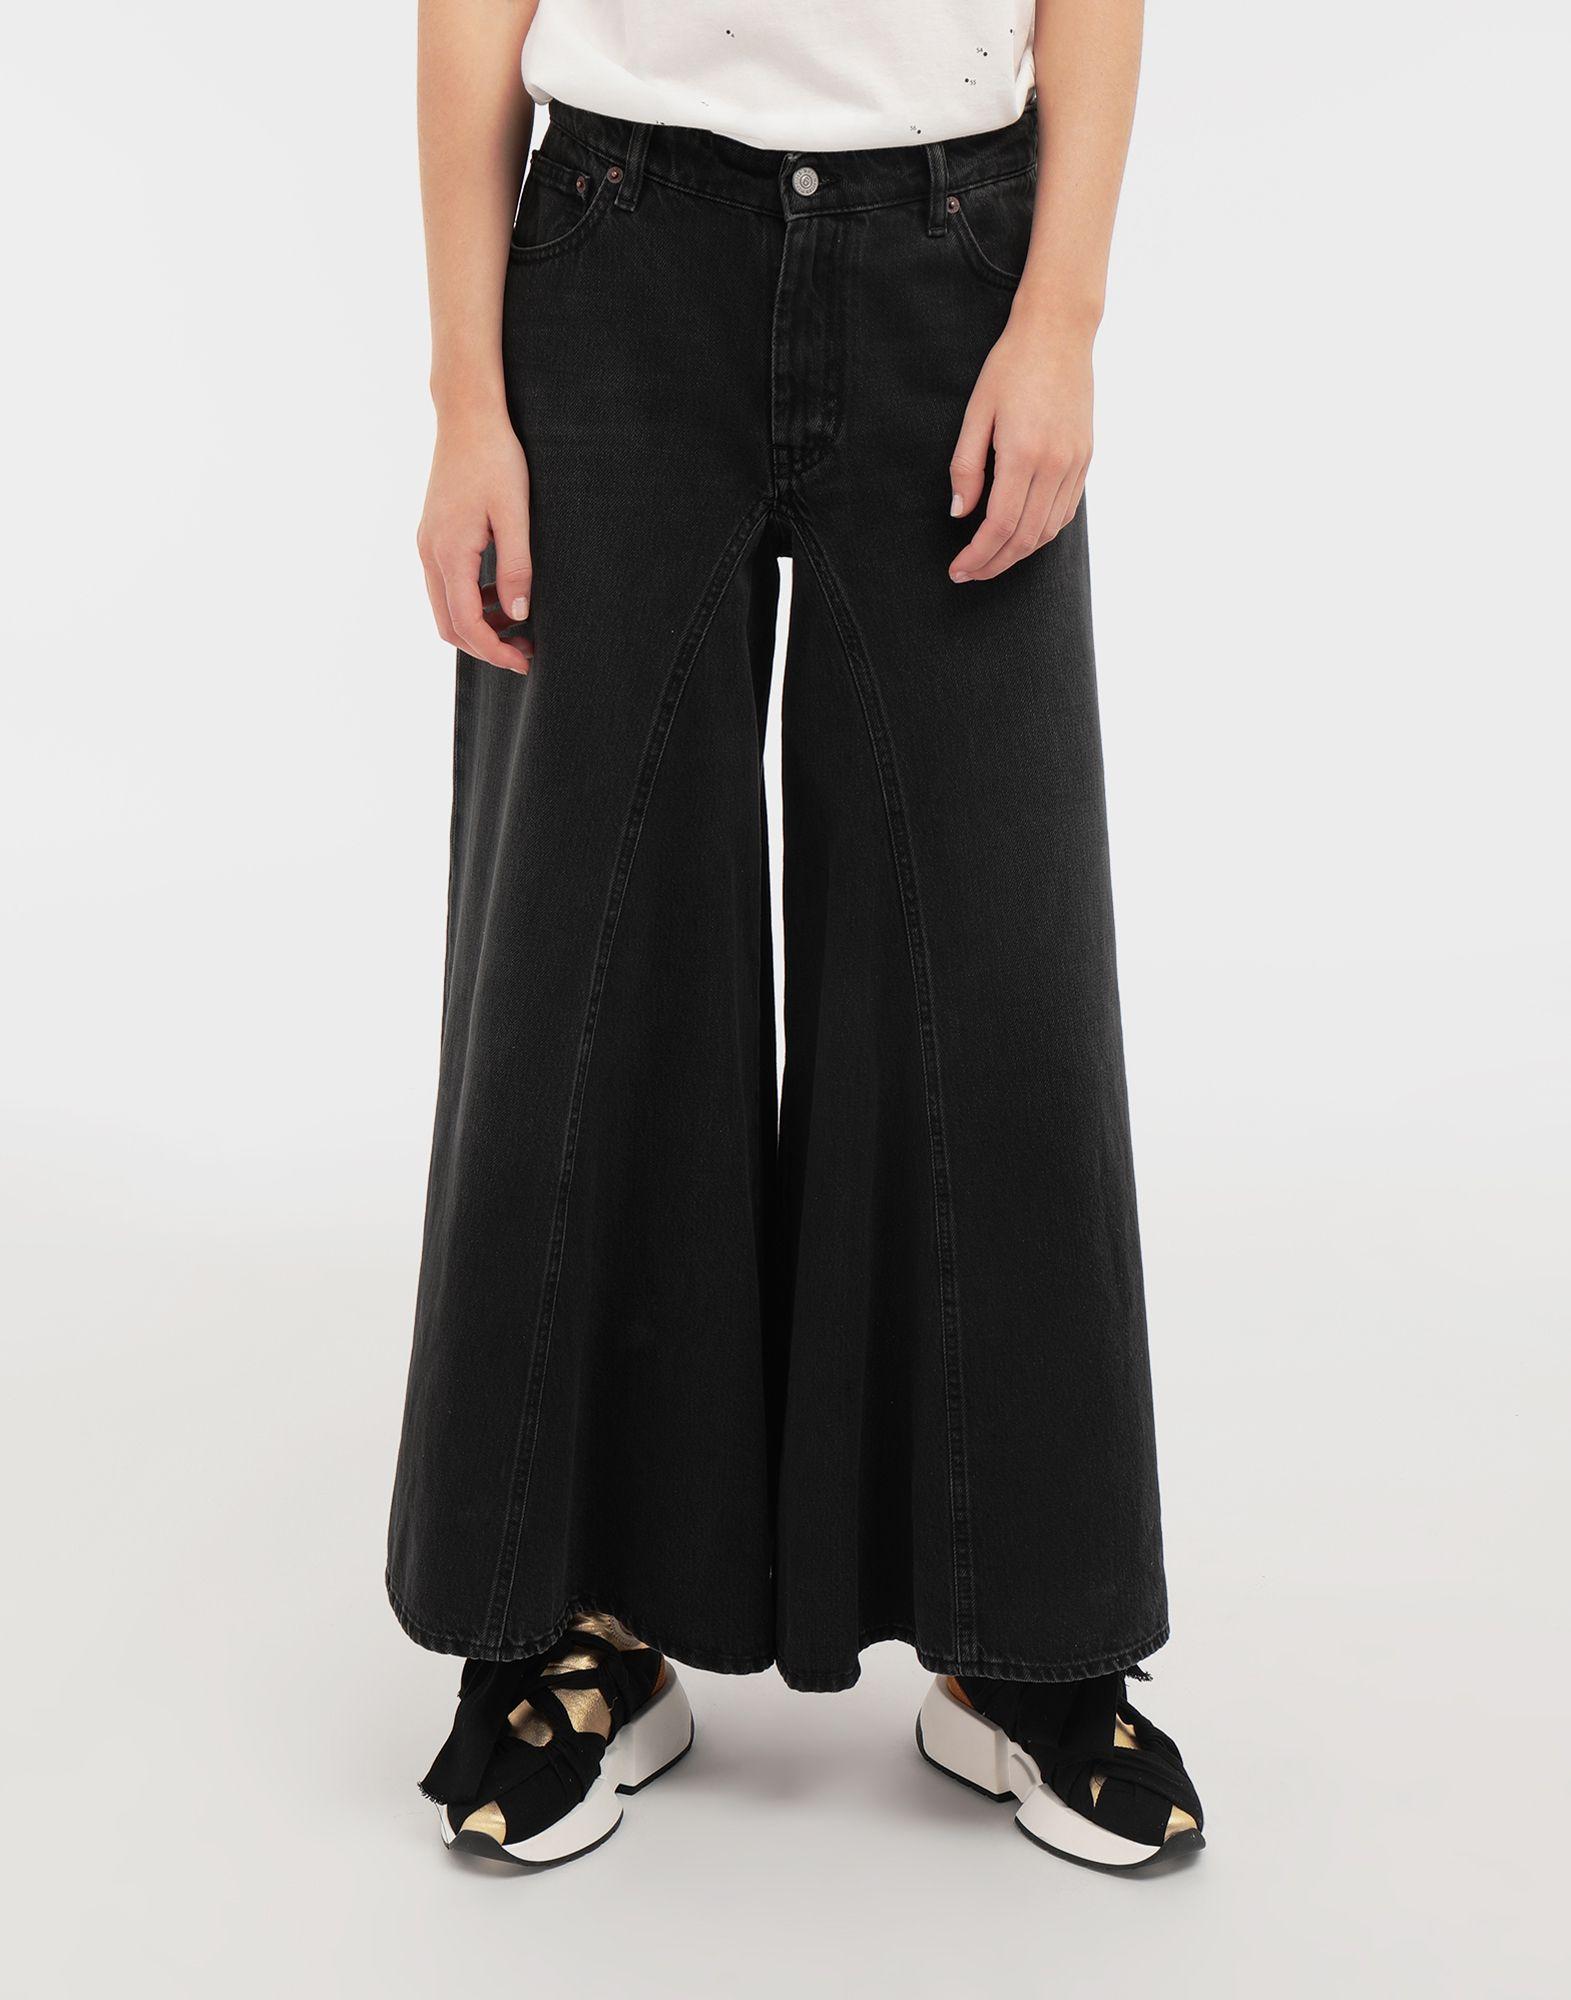 MM6 MAISON MARGIELA Flared denim pants Jeans Woman r